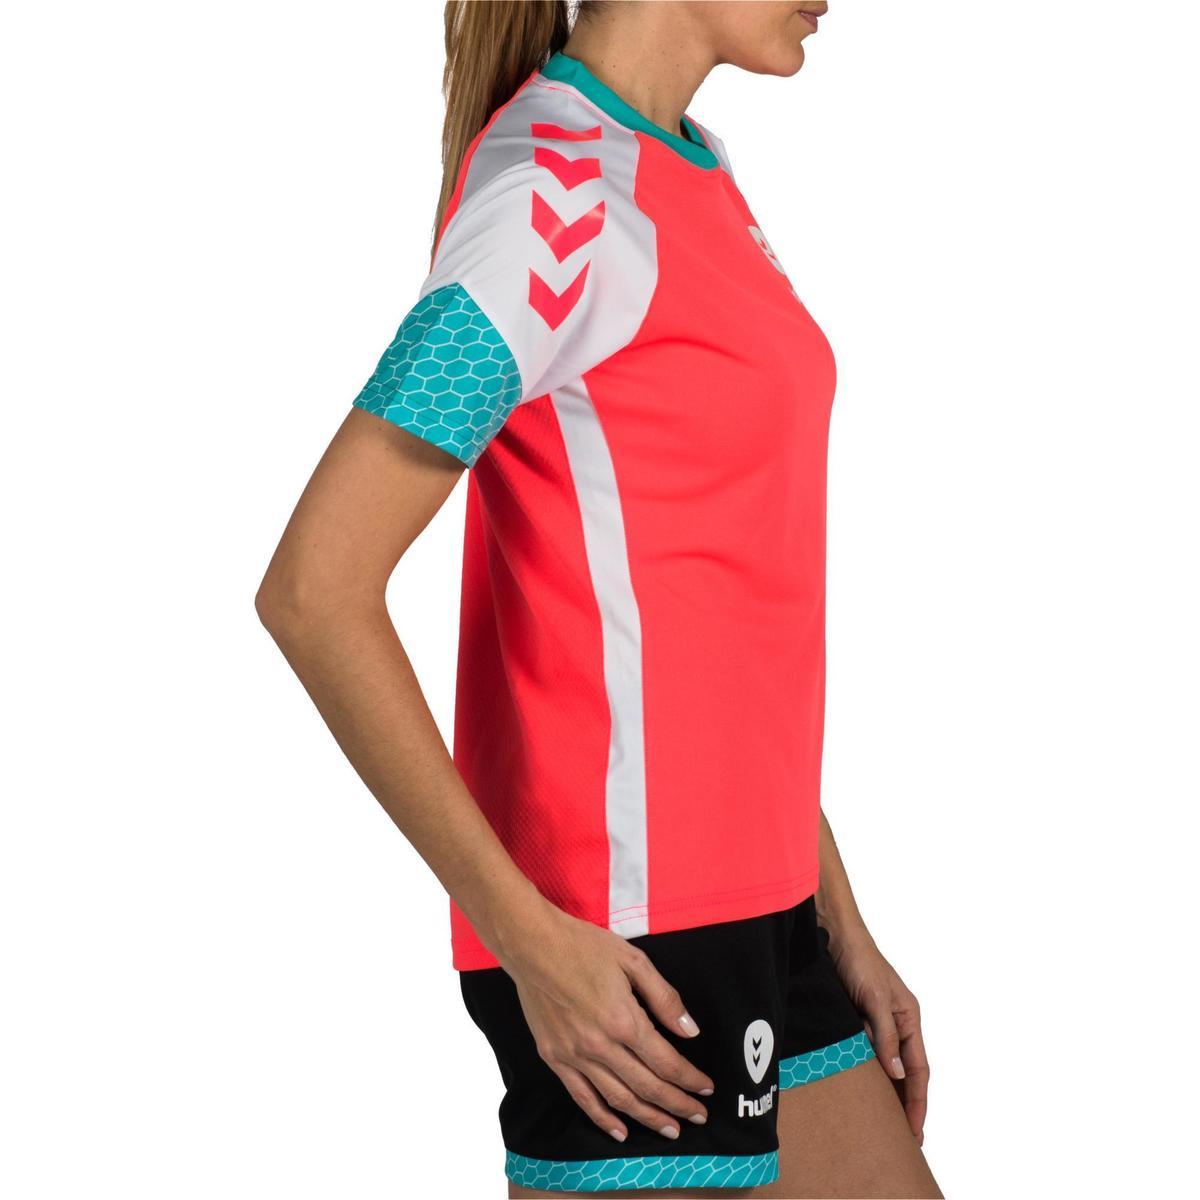 Bild 3 von Handballtrikot Damen rosa/weiß/blau/türkis